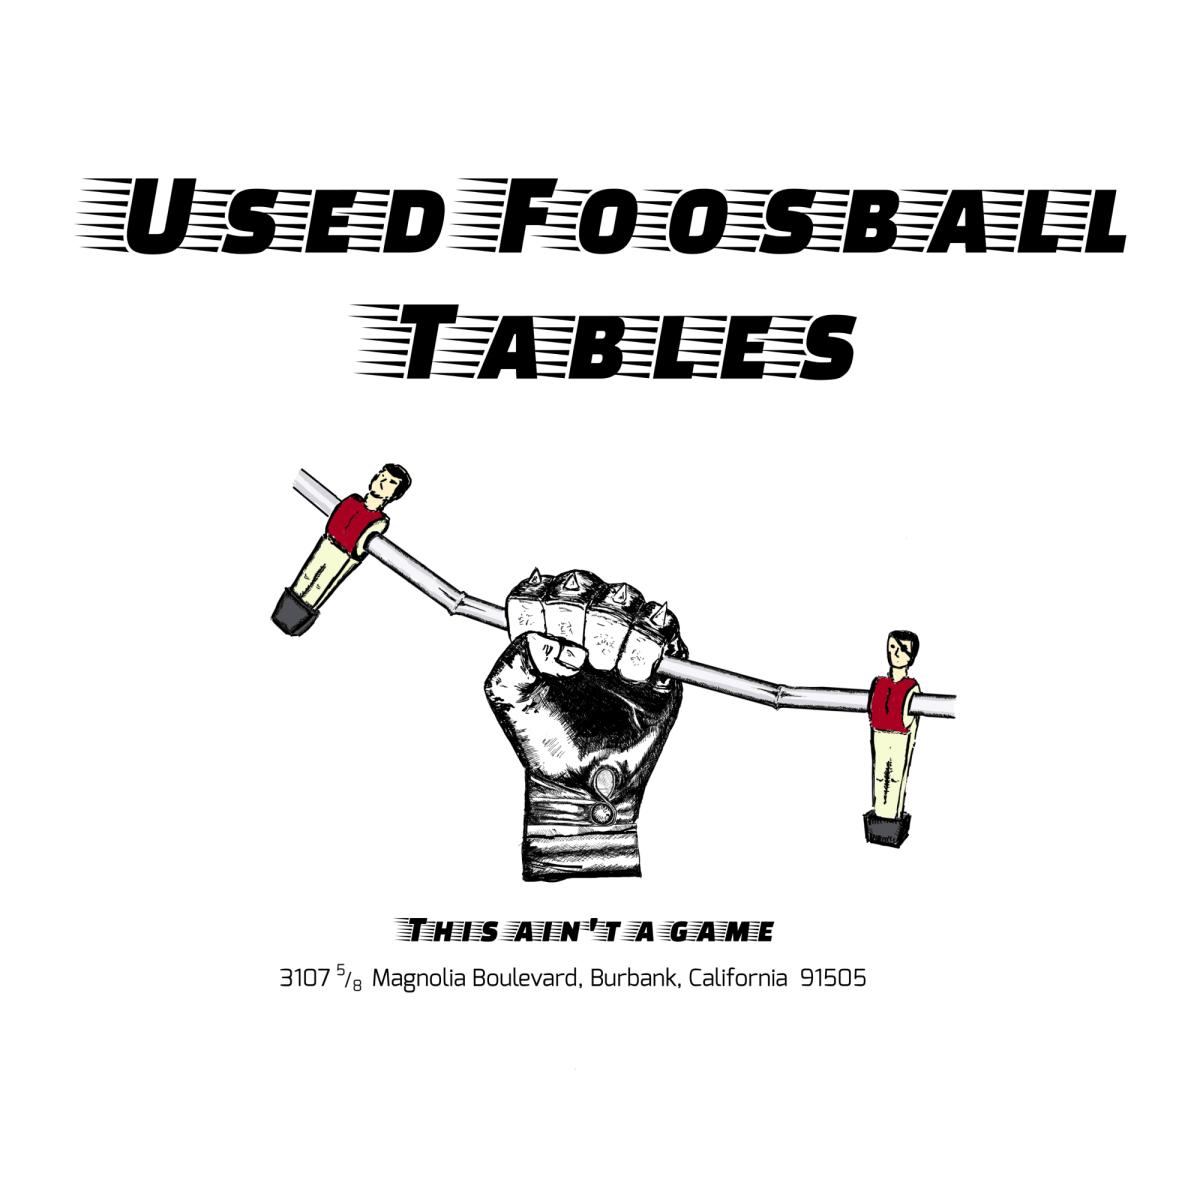 Used Foosball tables